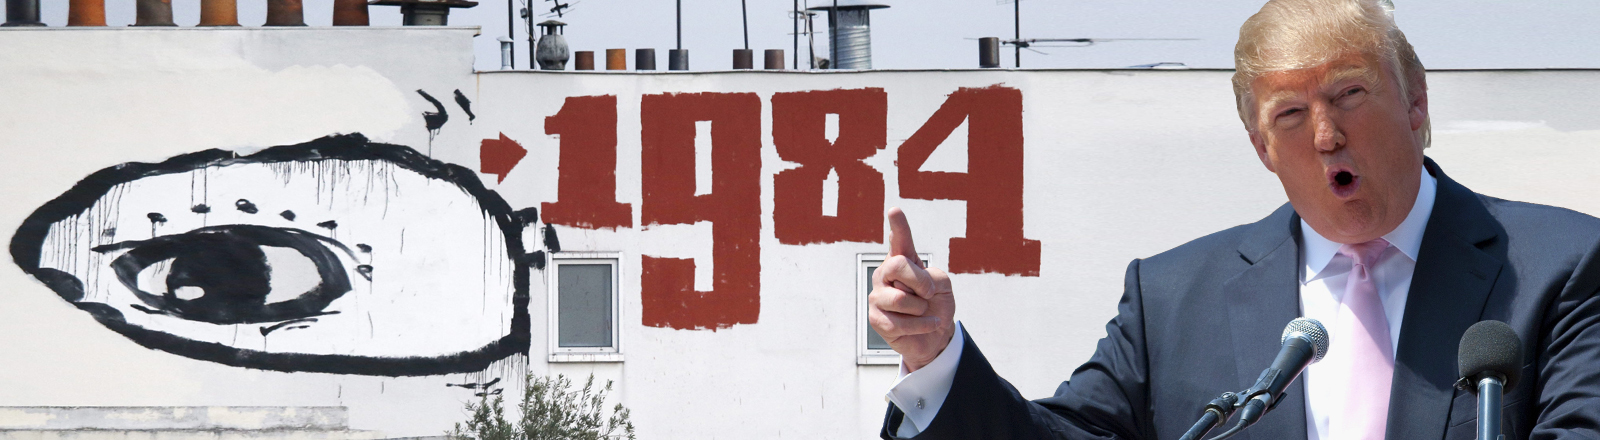 Donald Trump vor Wand mit 1984-Graffiti